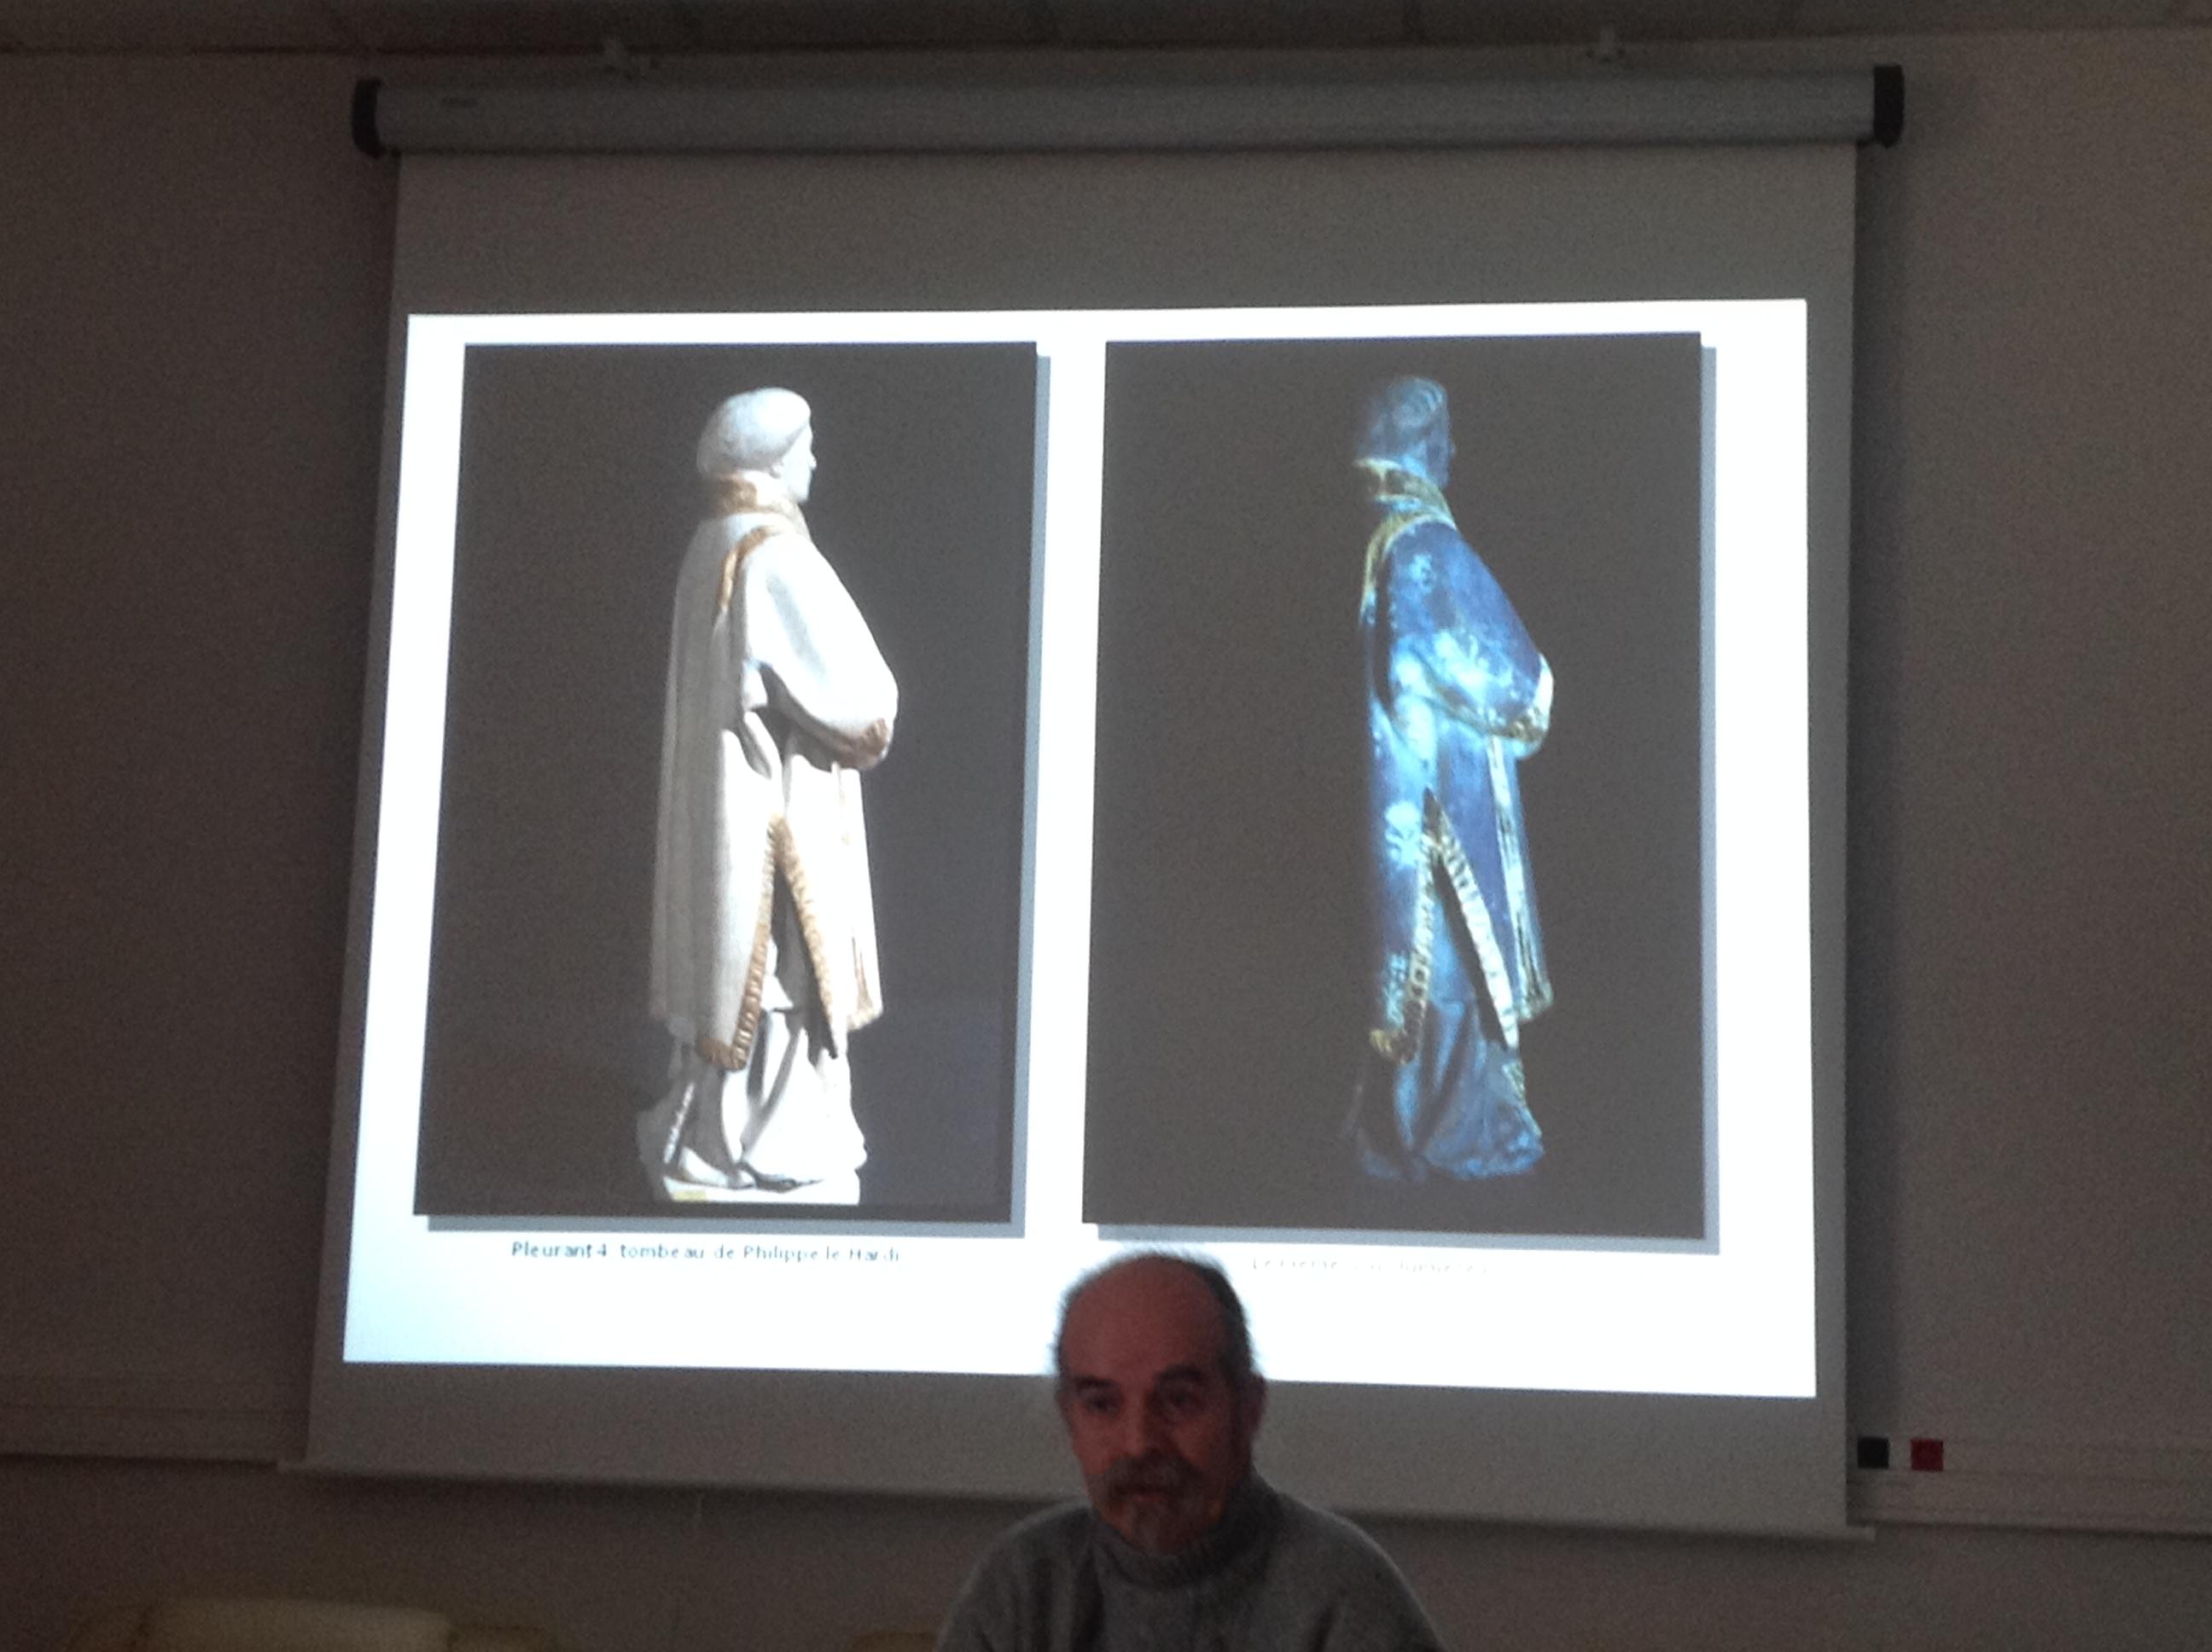 A gauche, un pleurant vu à l'oeil nu, et à droite, au moyen de rayon X, ce qui permet de voir des motifs invisibles par l'oeil